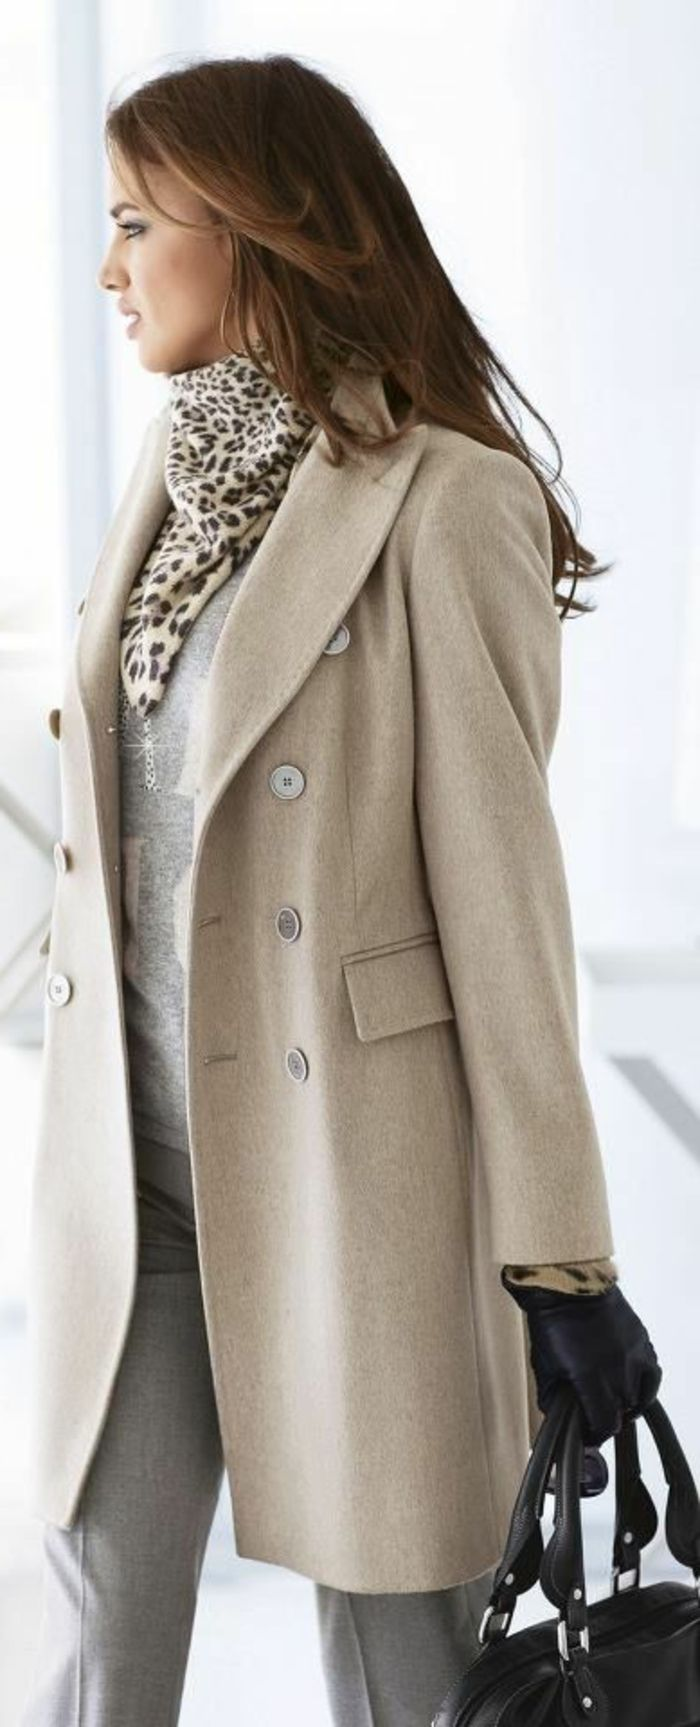 Manteau long beige femme pas cher